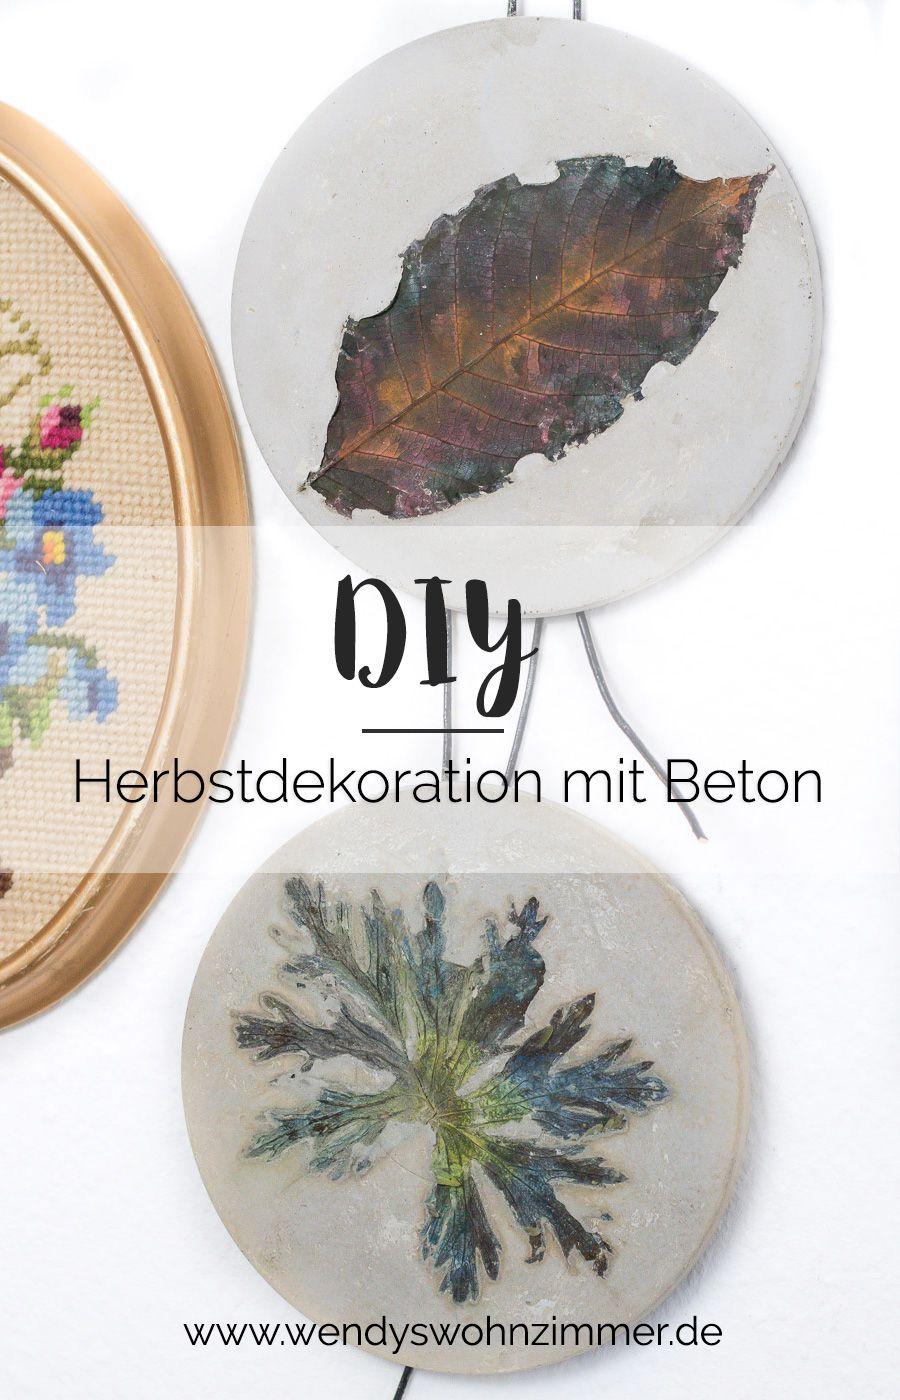 Beton Deko Garten Selber Machen Elegant Diy Idee Mit Beton Herbstdeko Mit Blättern Selber Machen